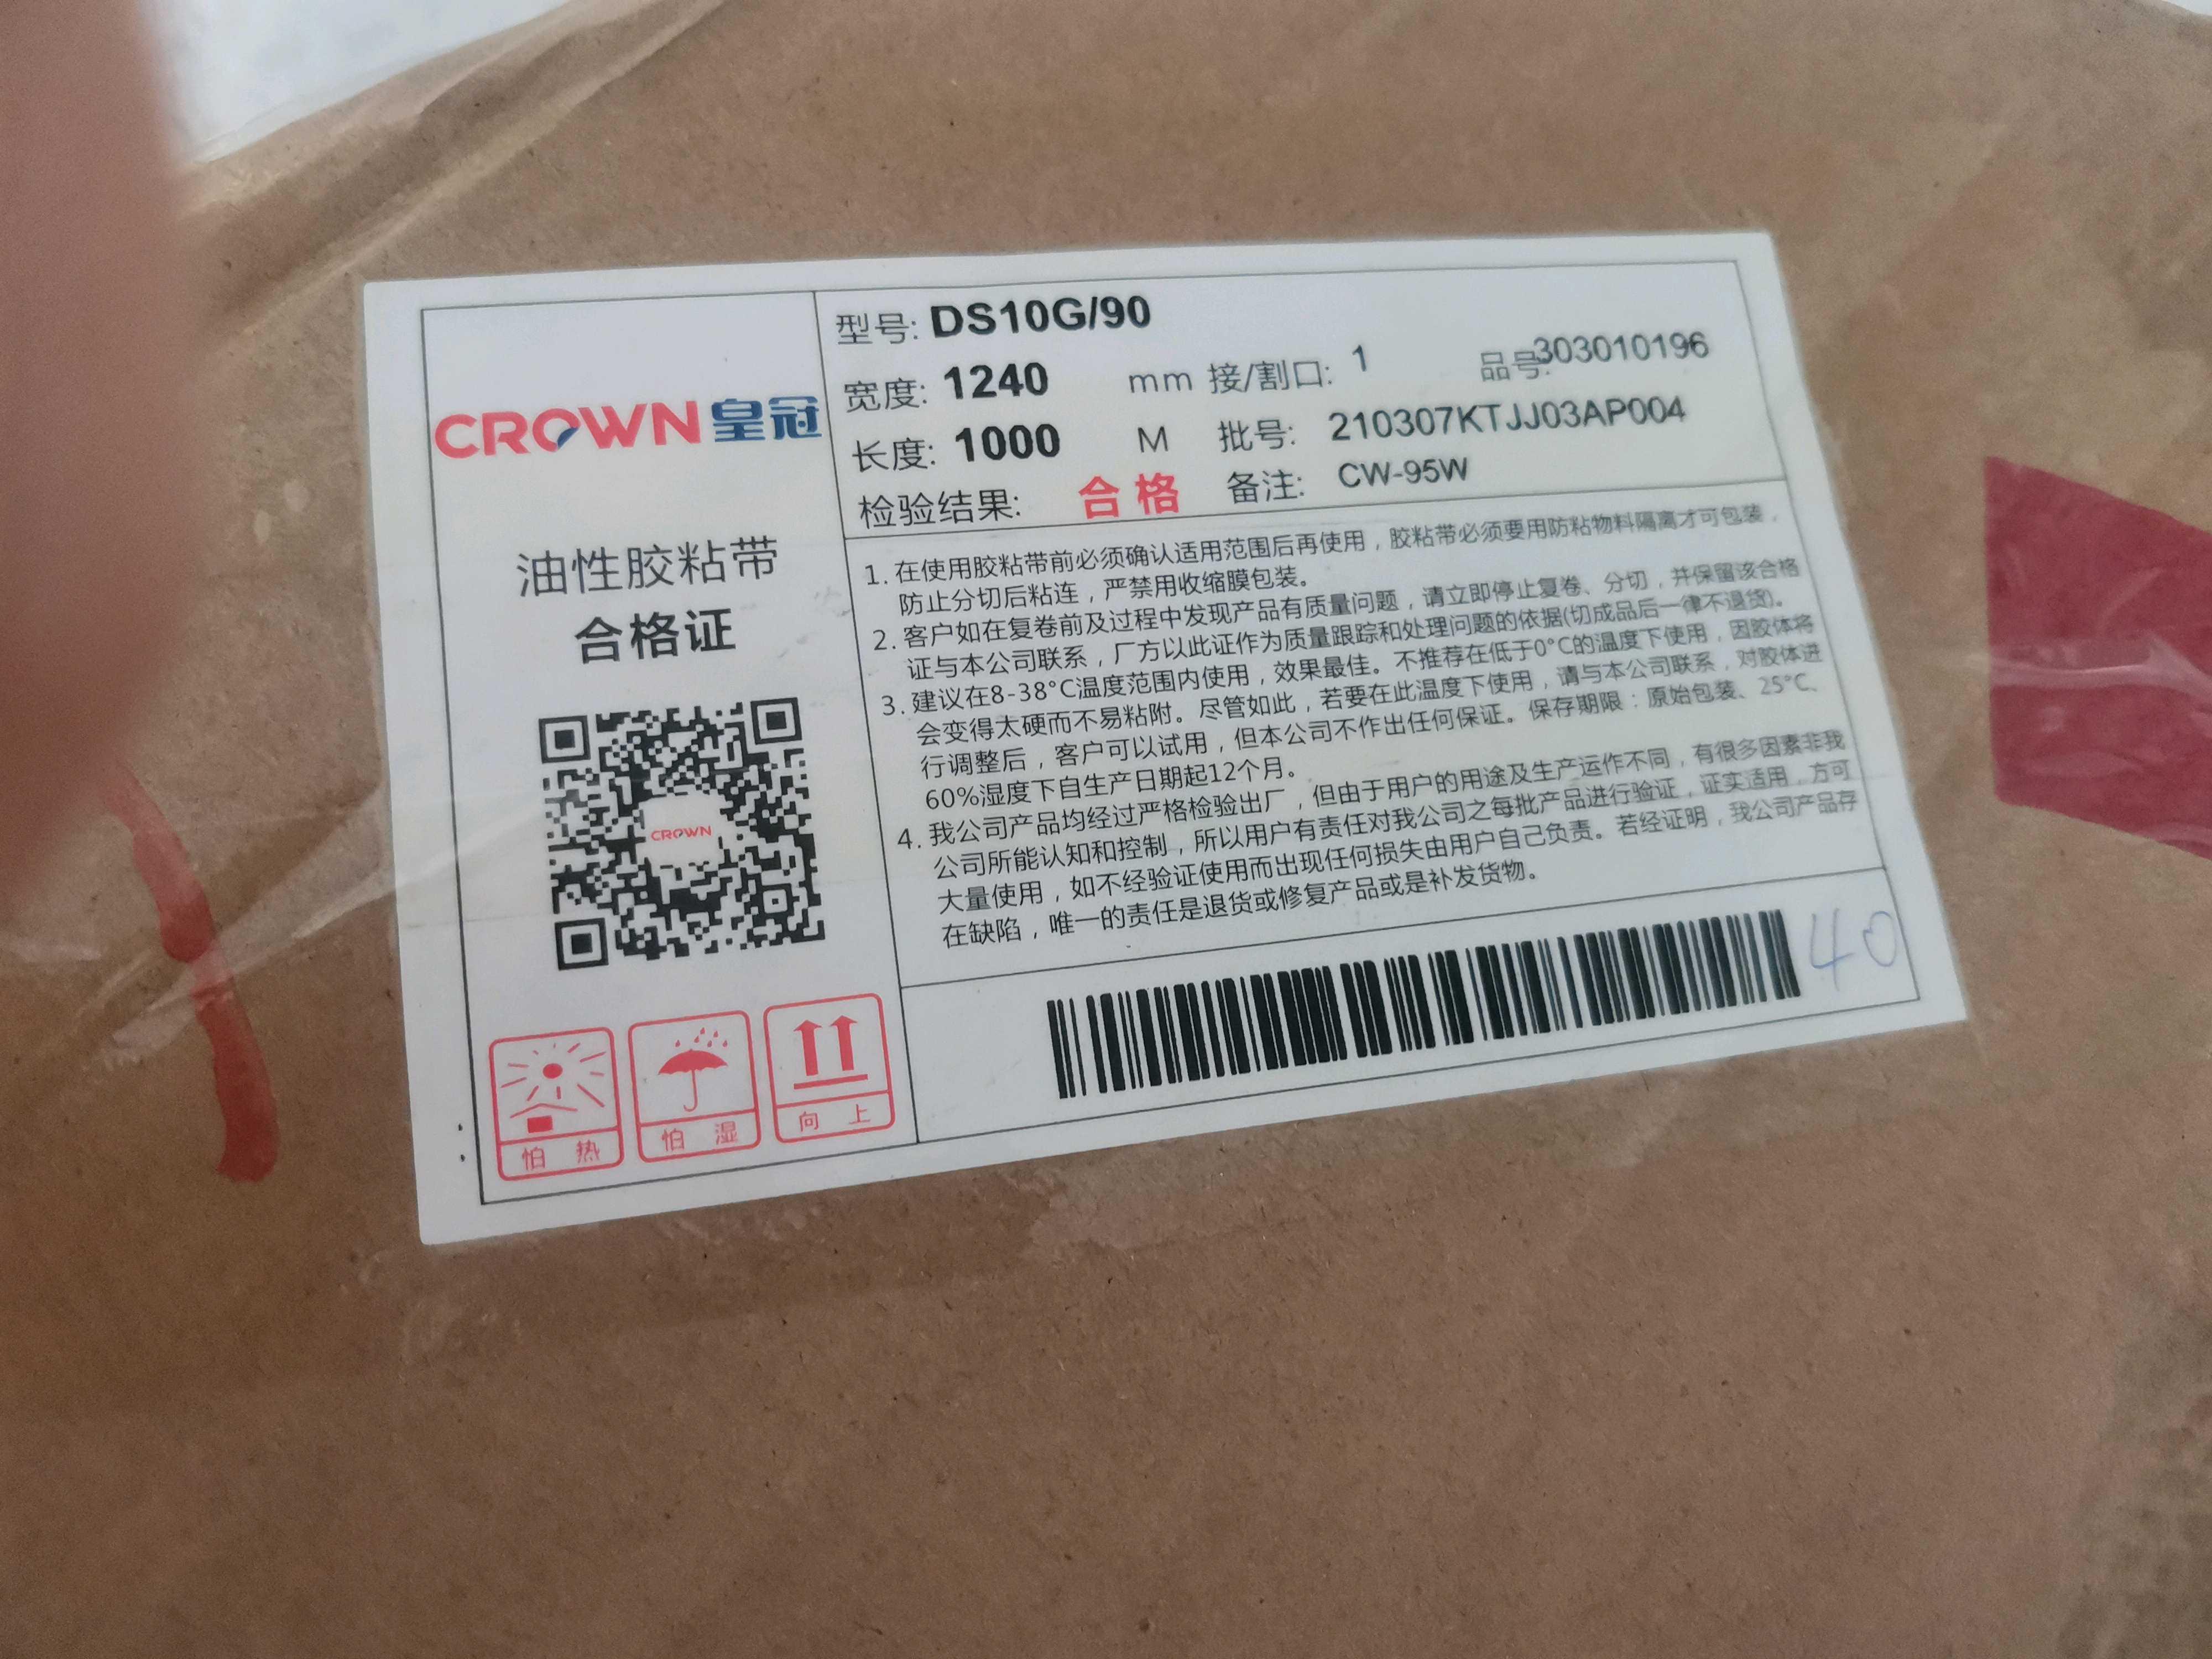 皇冠DS10G/90油胶双面胶